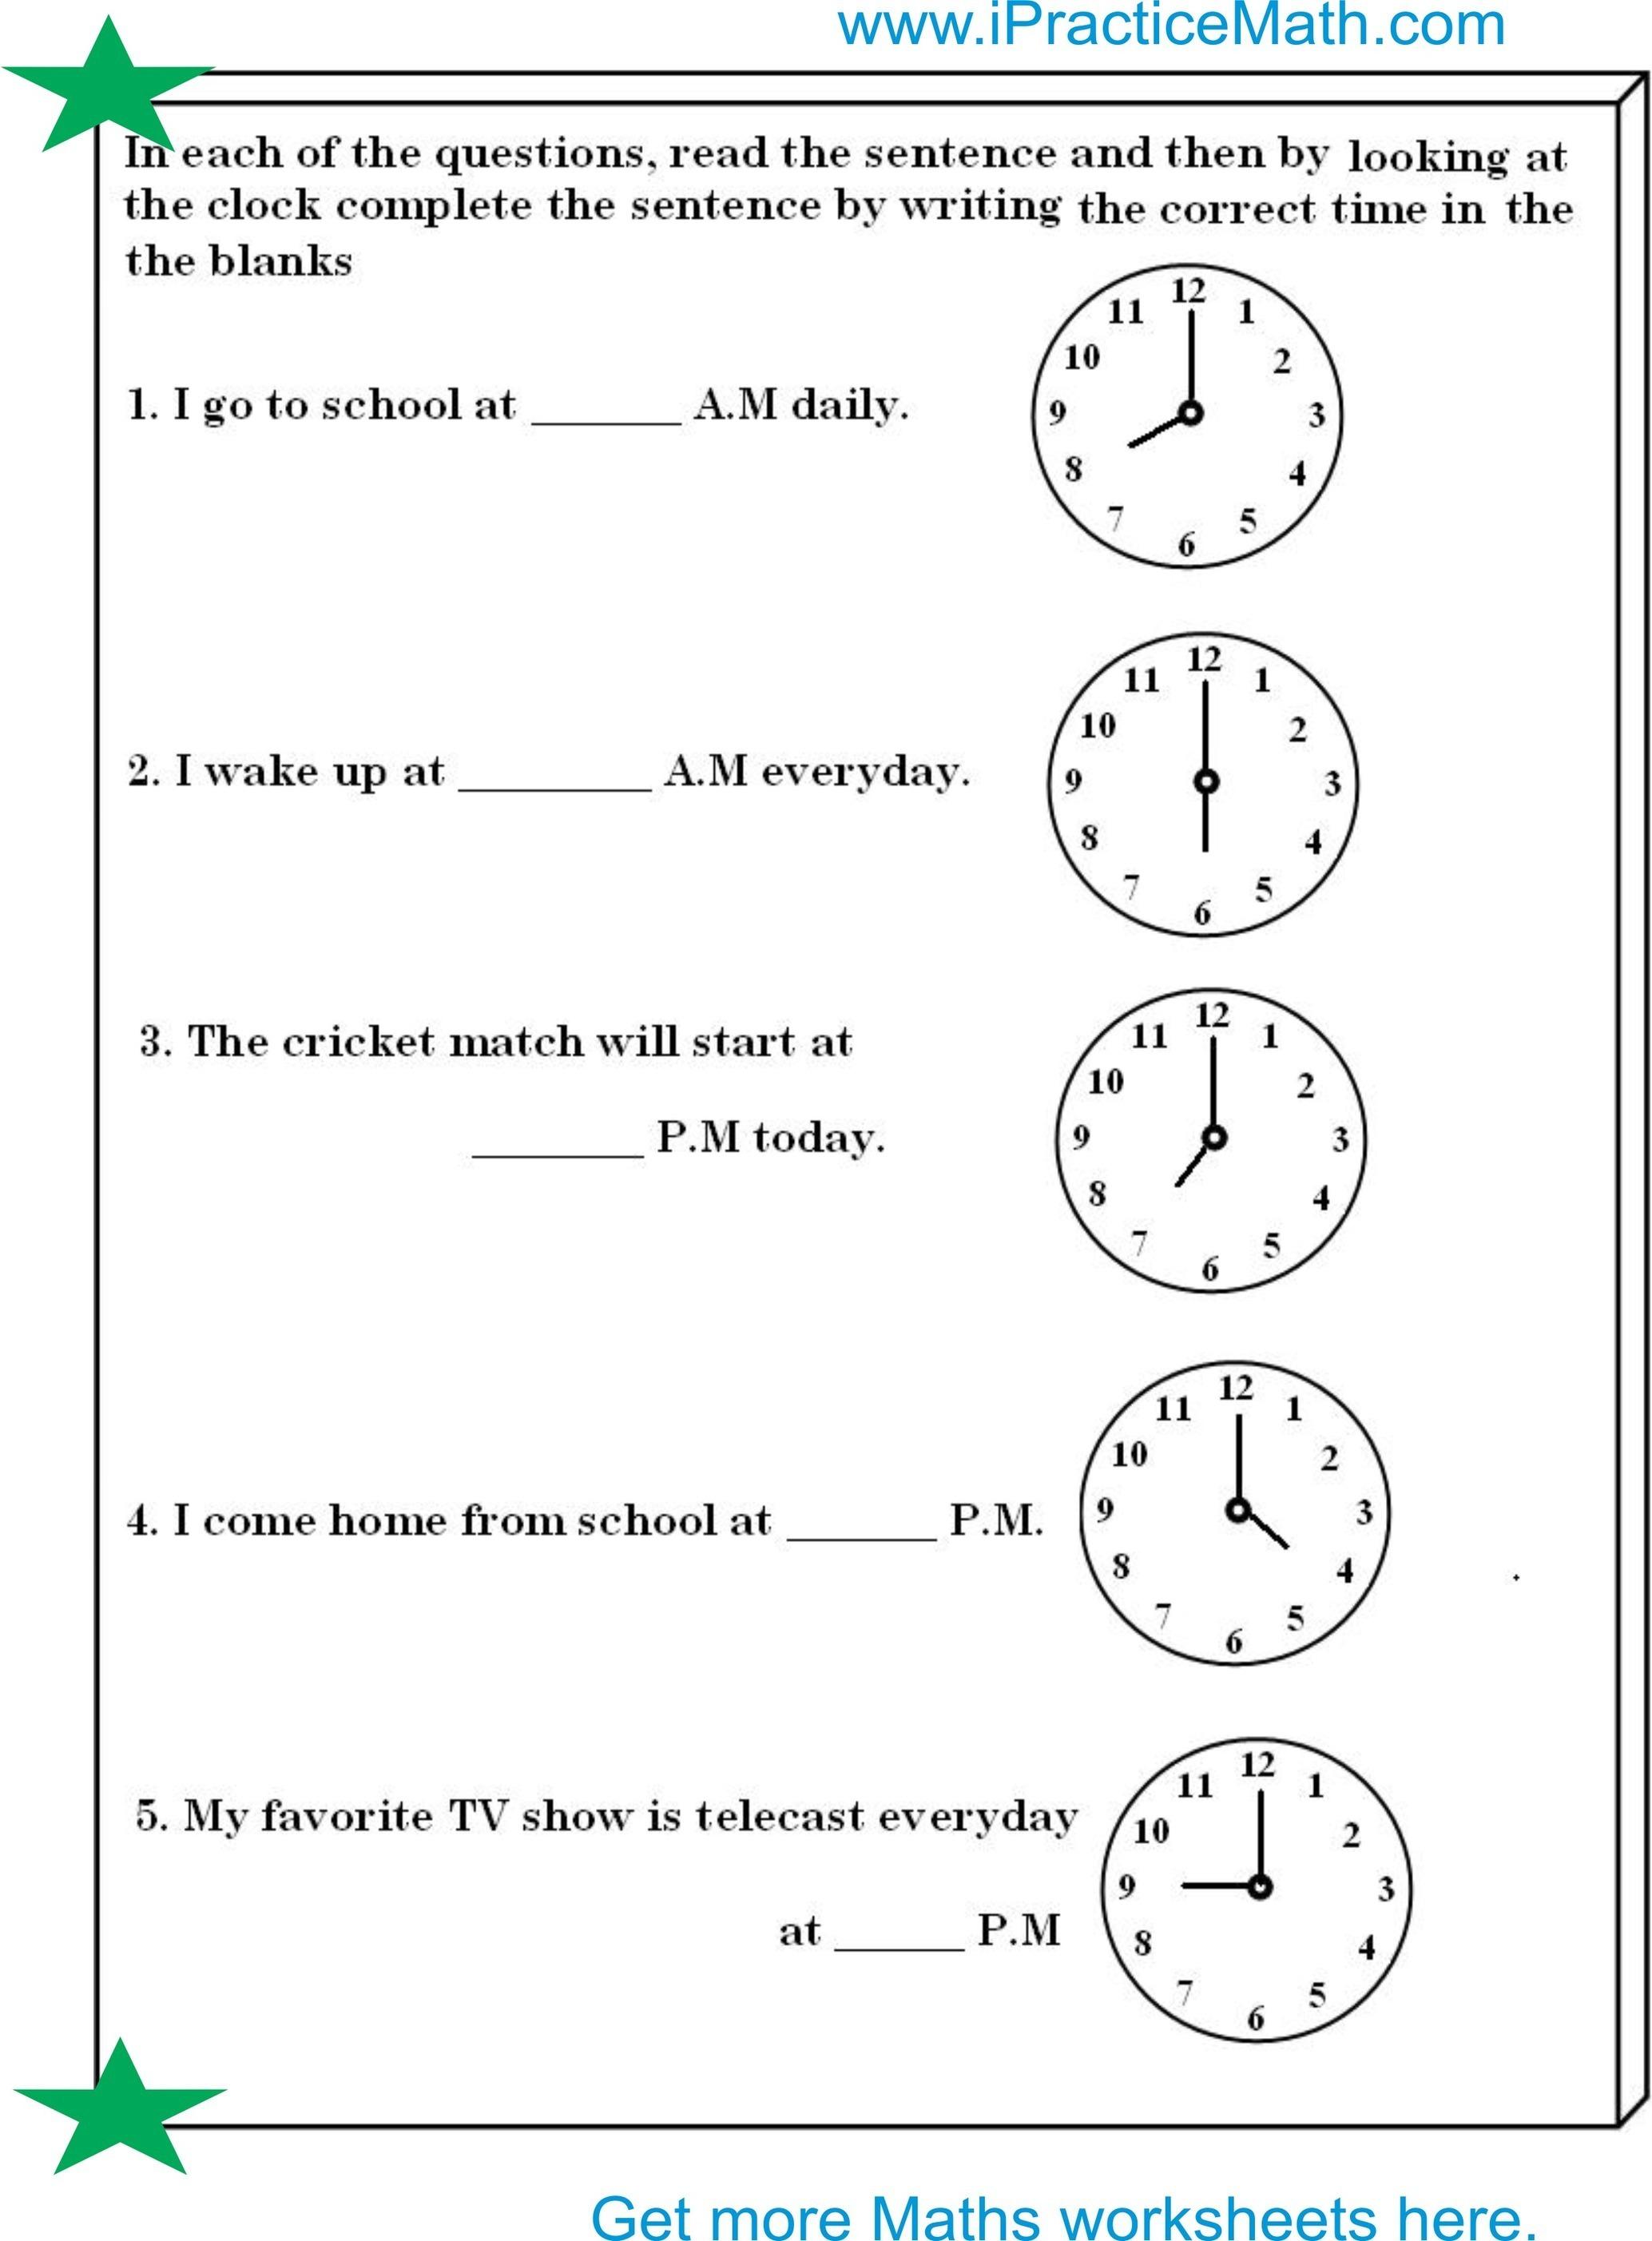 Uncategorized Everyday Math Grade 2 Worksheets everyday math grade 3 worksheets clock worksheet ipracticemaths worksheets